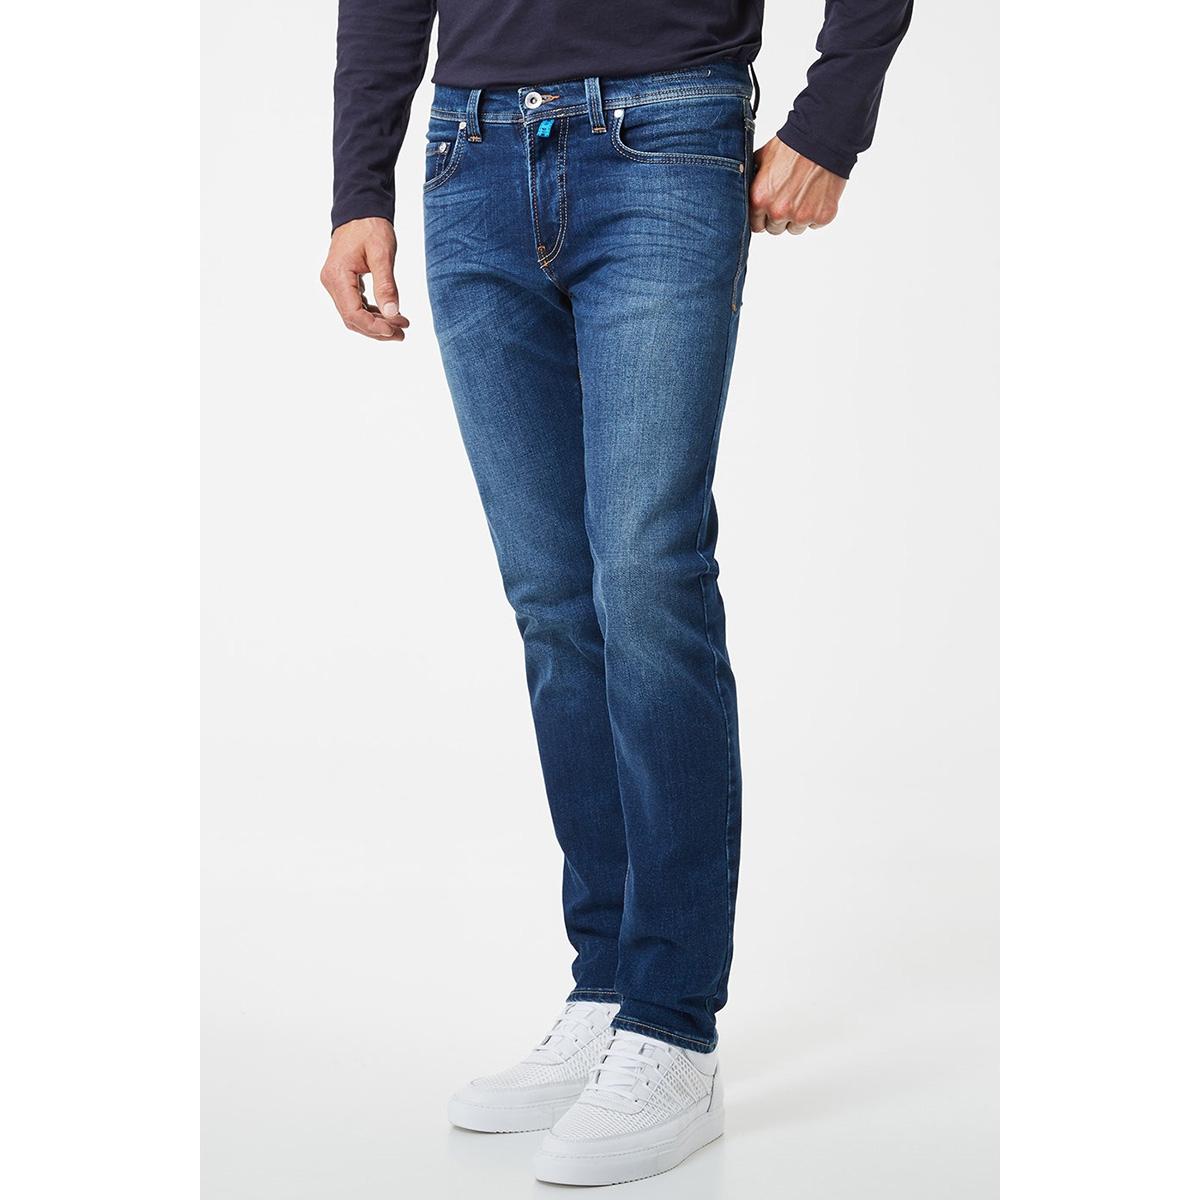 future flex 3451 8880.01 pierre cardin jeans 8880.01